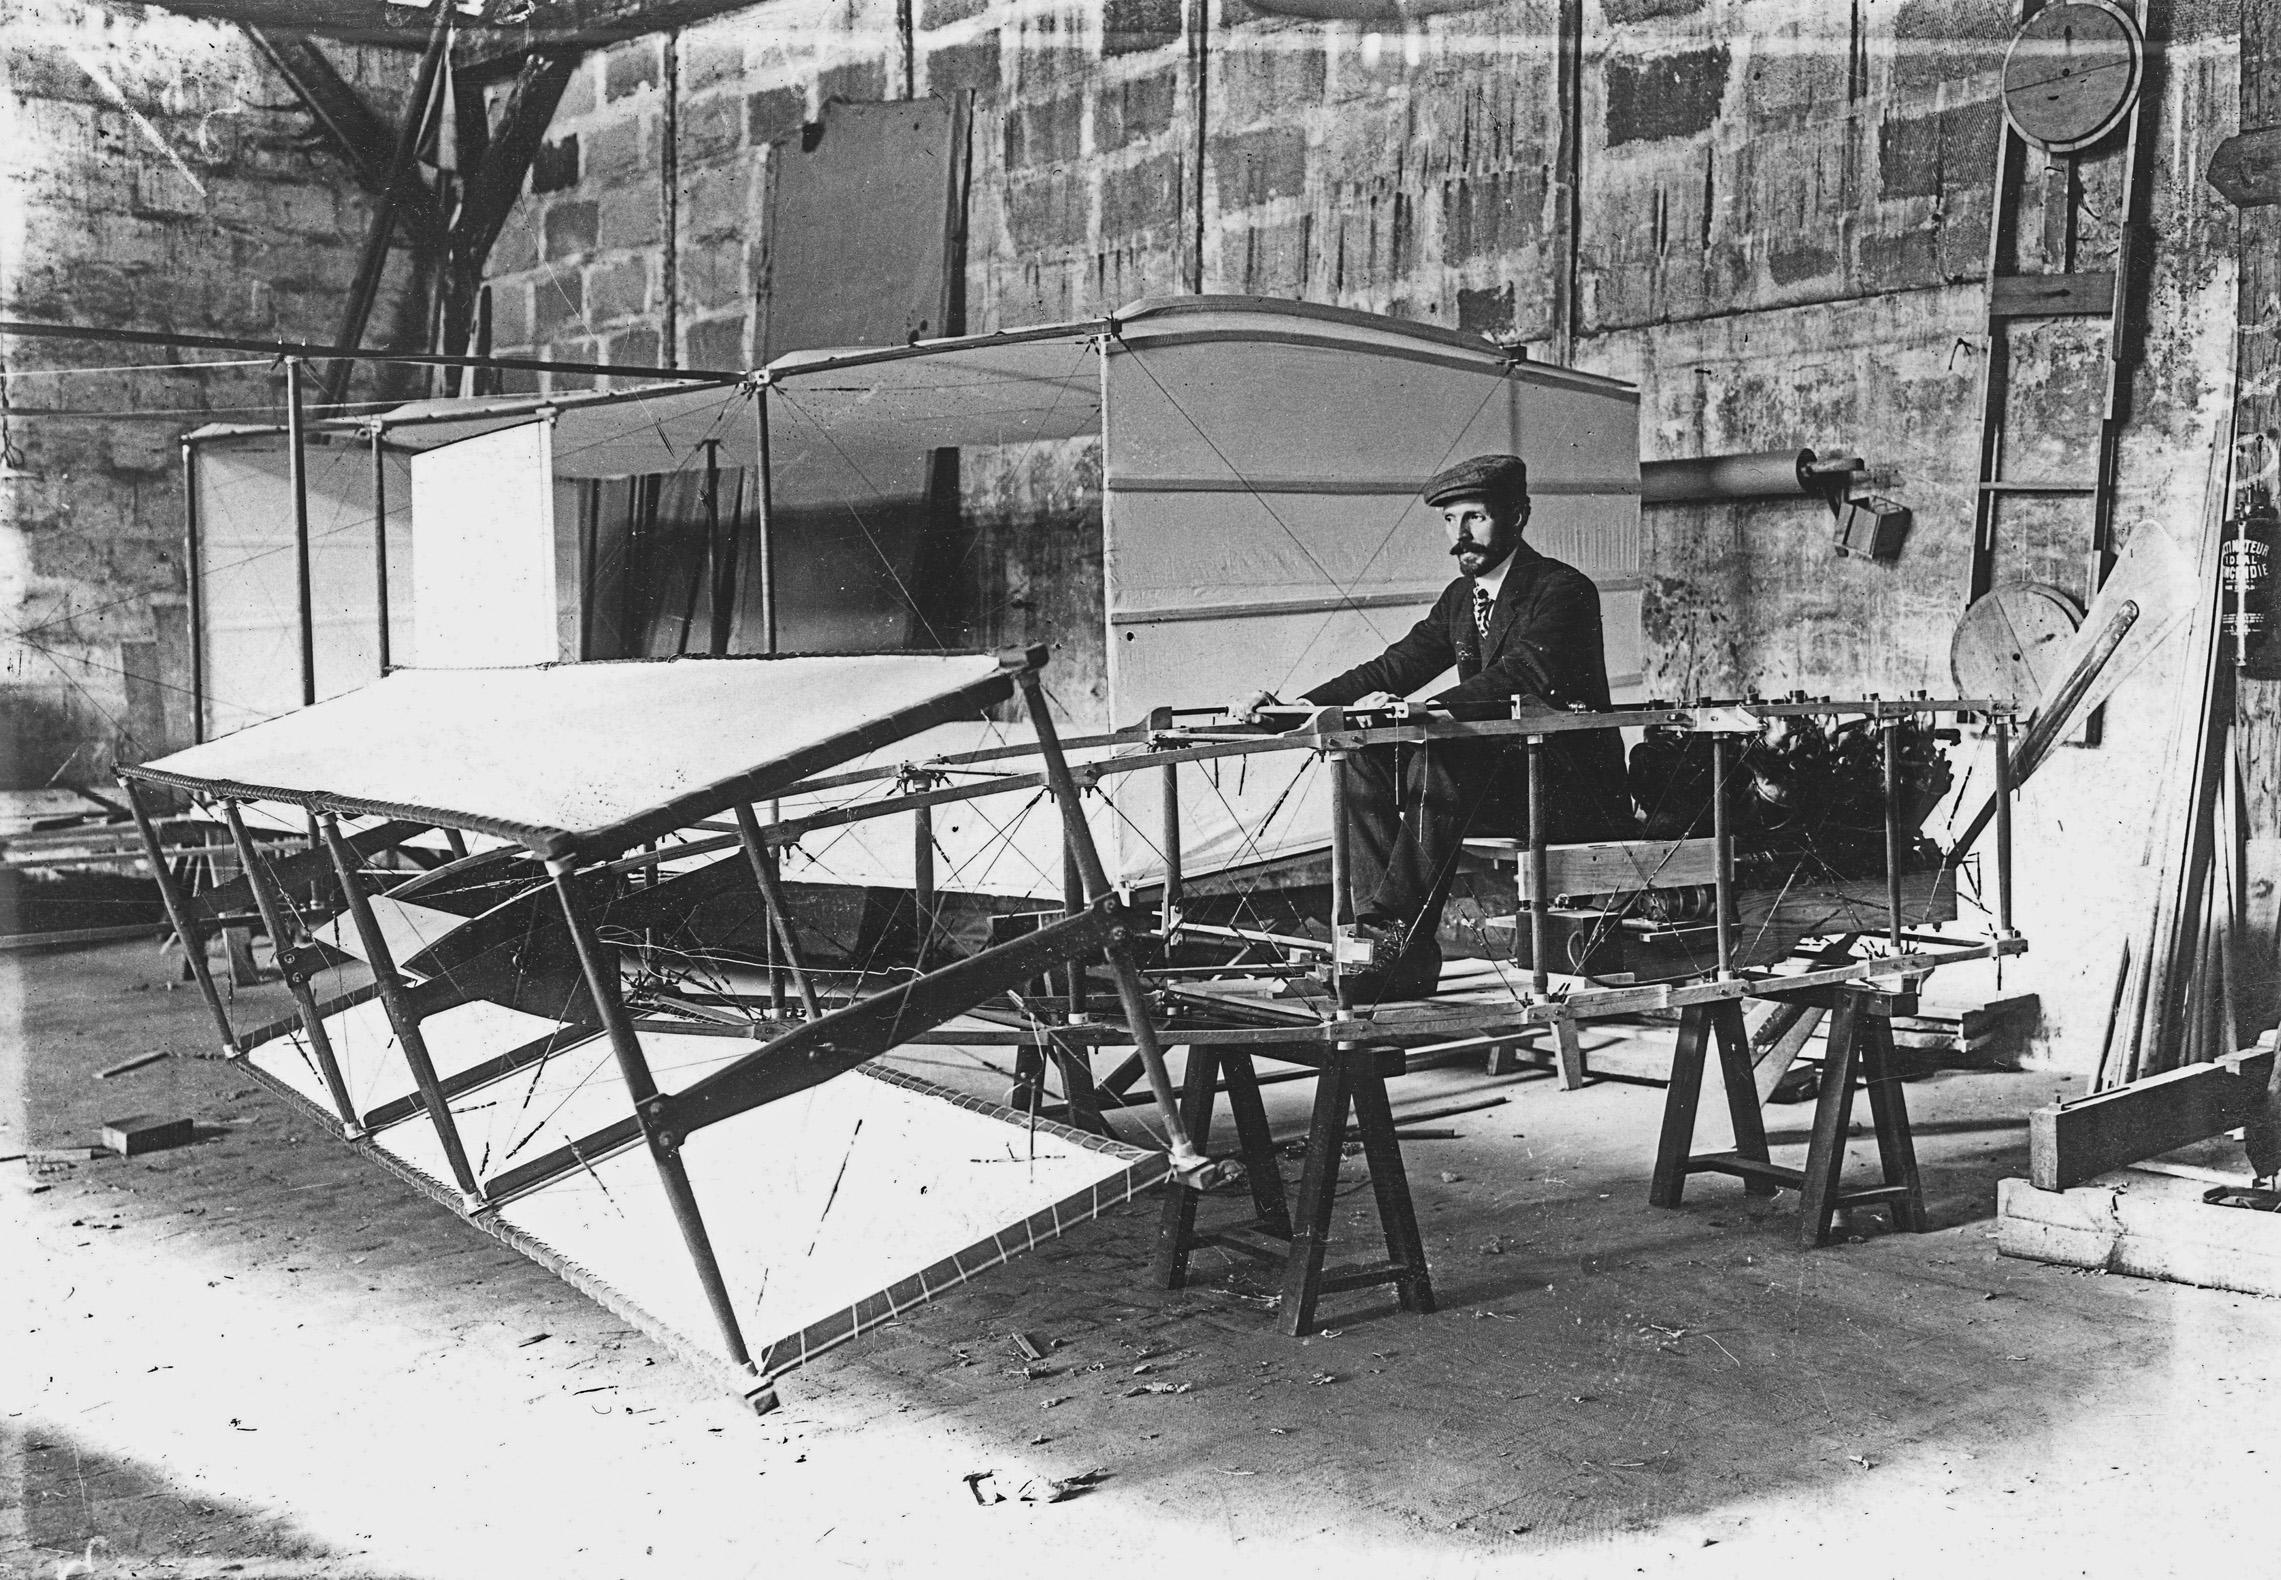 Henry Farman, dans l'atelier de la rue de la ferme essaye les commandes de son avion. Archives municipales de Boulogne-Billancourt